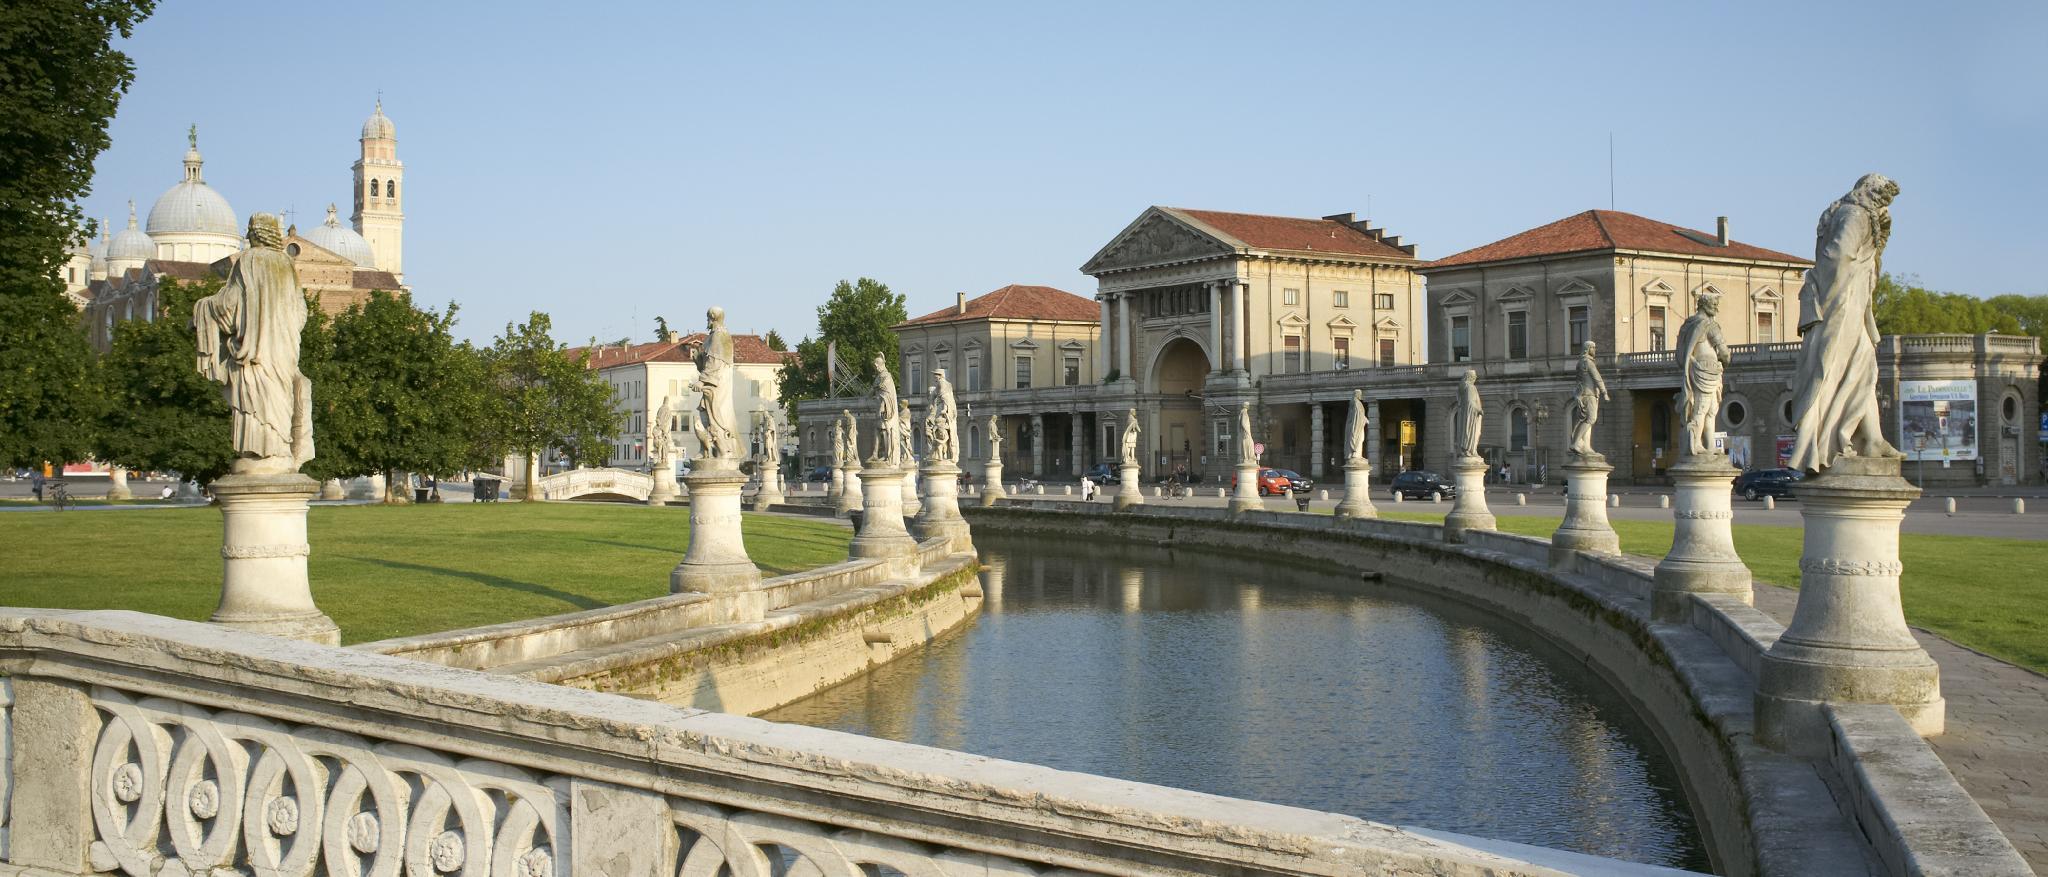 Hotels Padova Italy